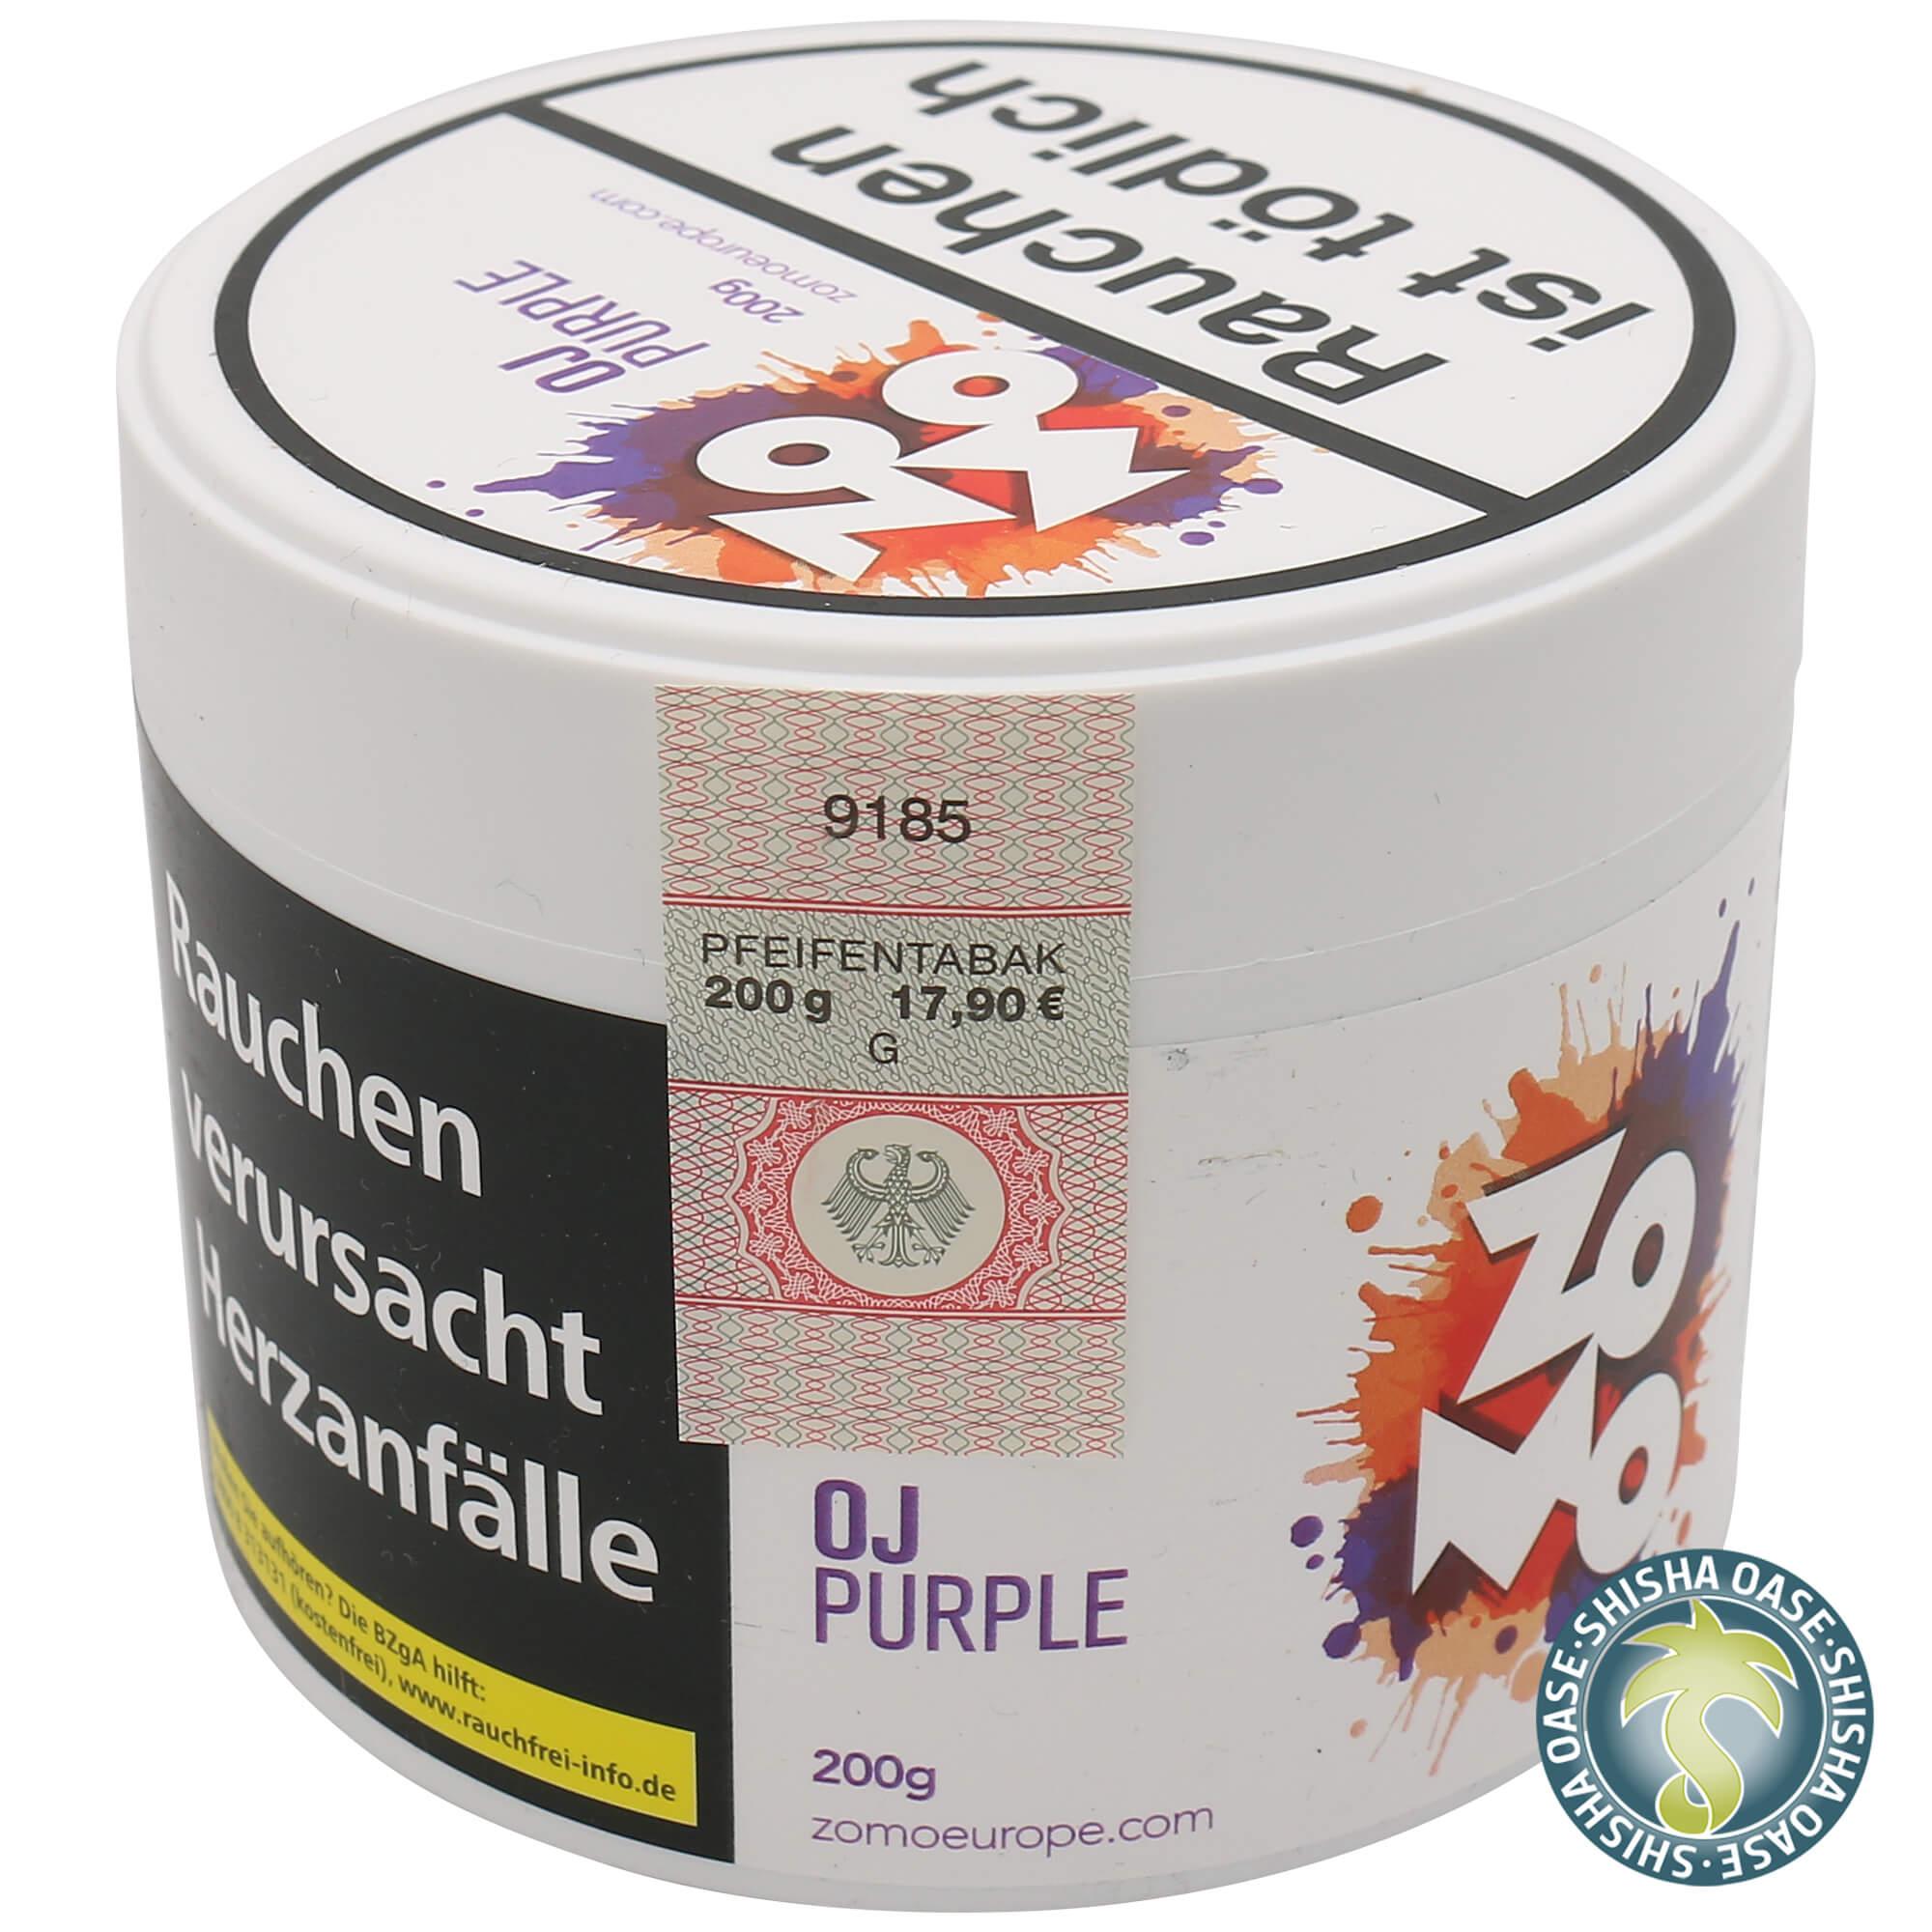 Zomo Tabak Oj Purple 200g